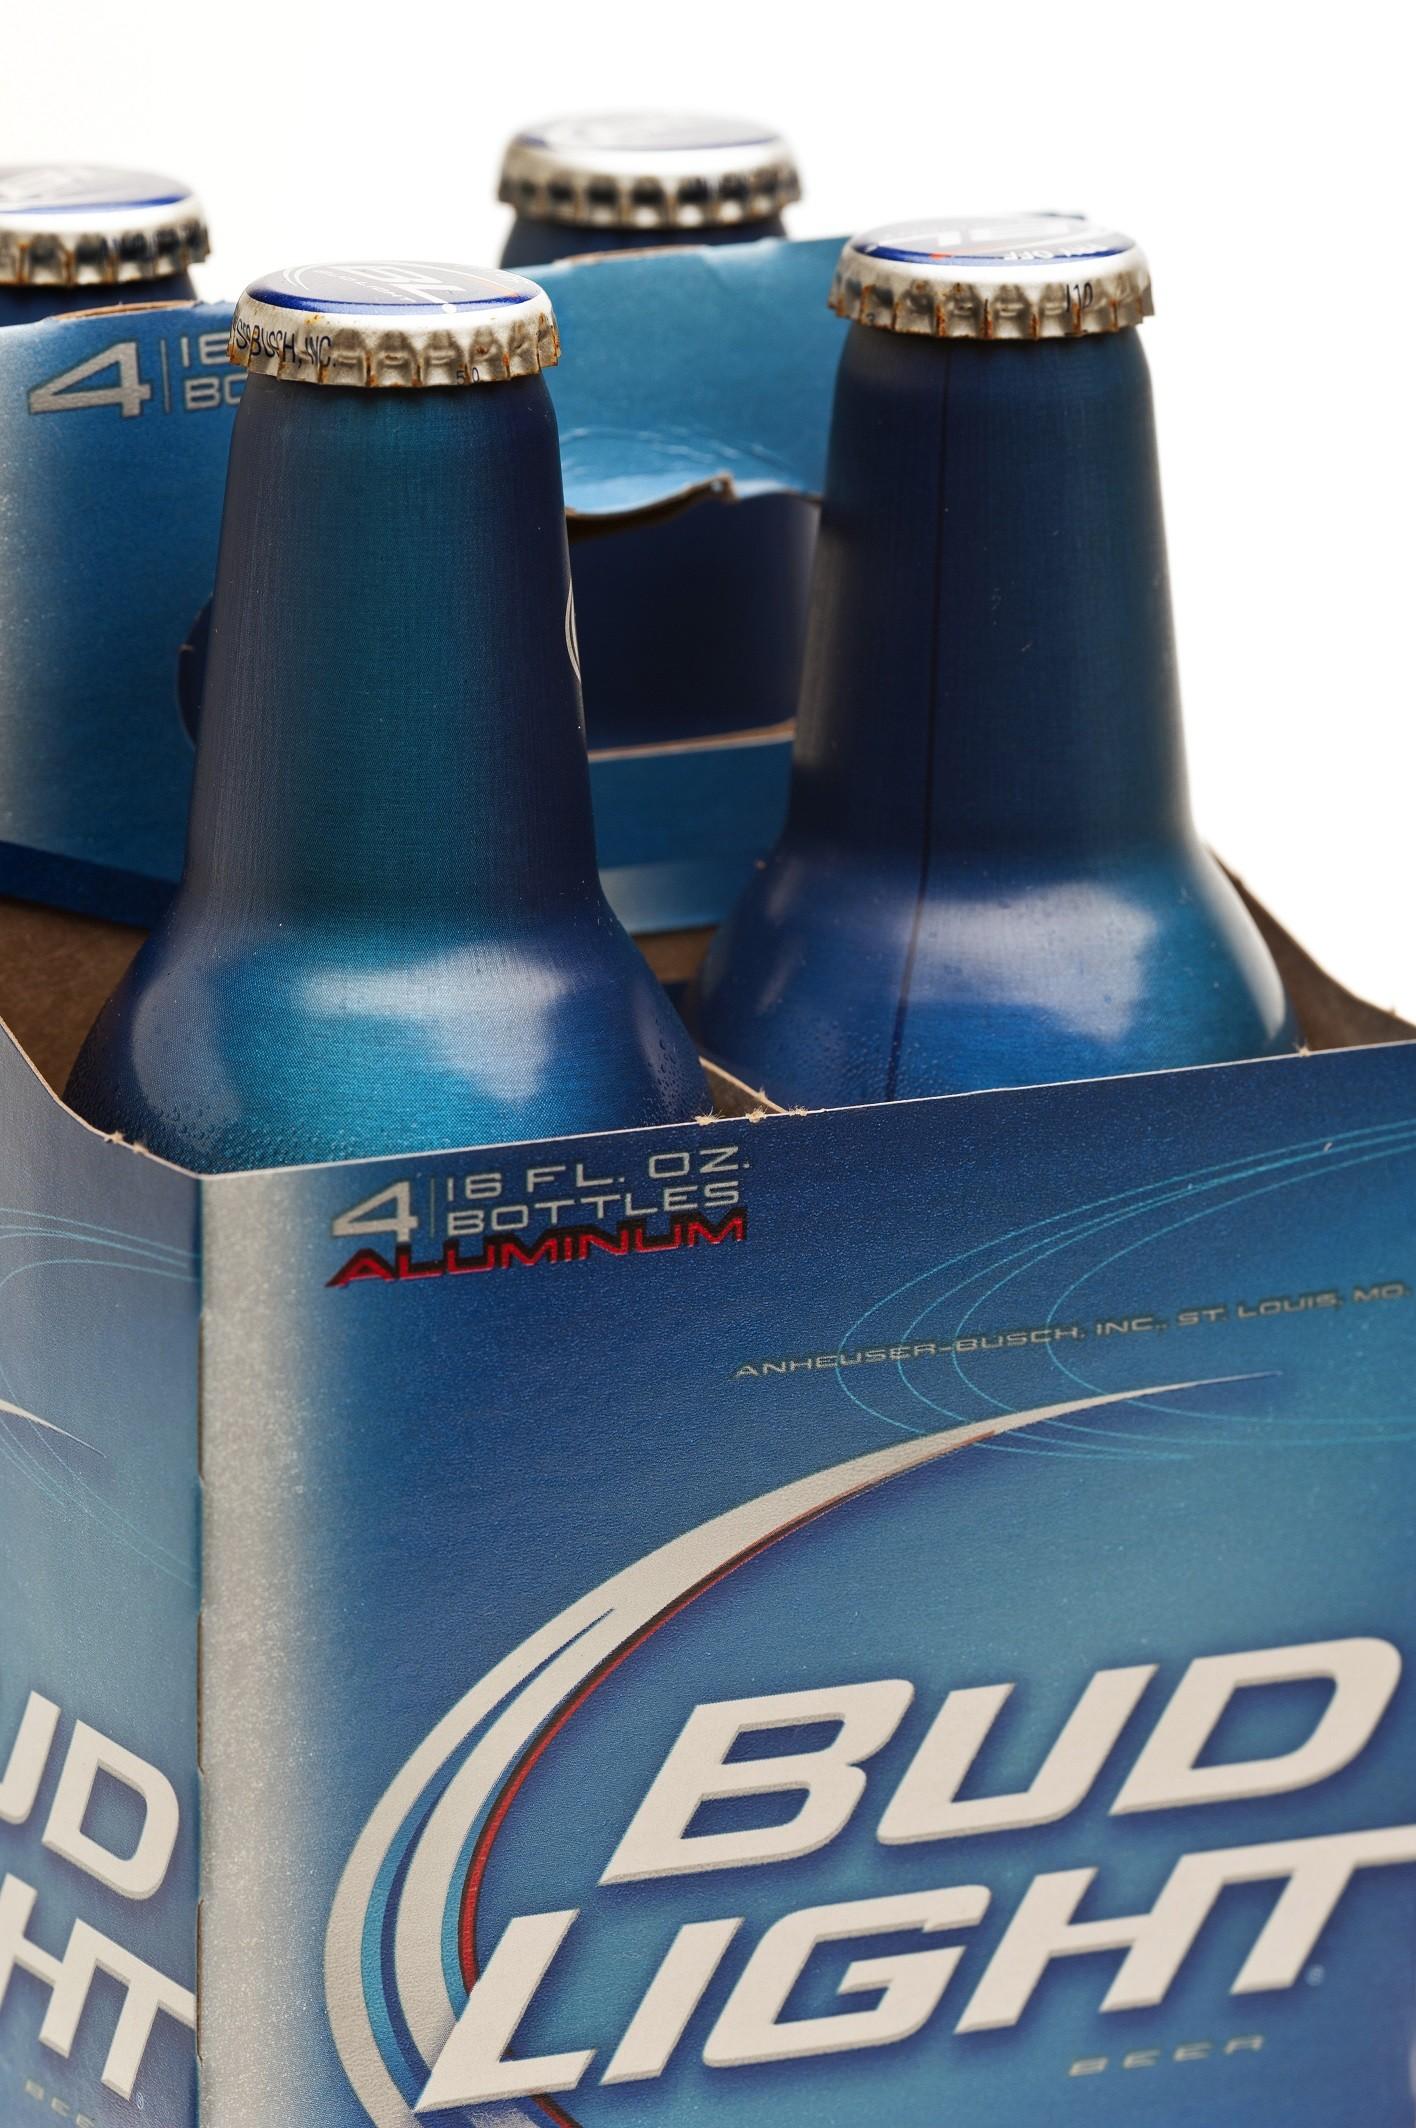 Four bottles of Bud Ligth Beer